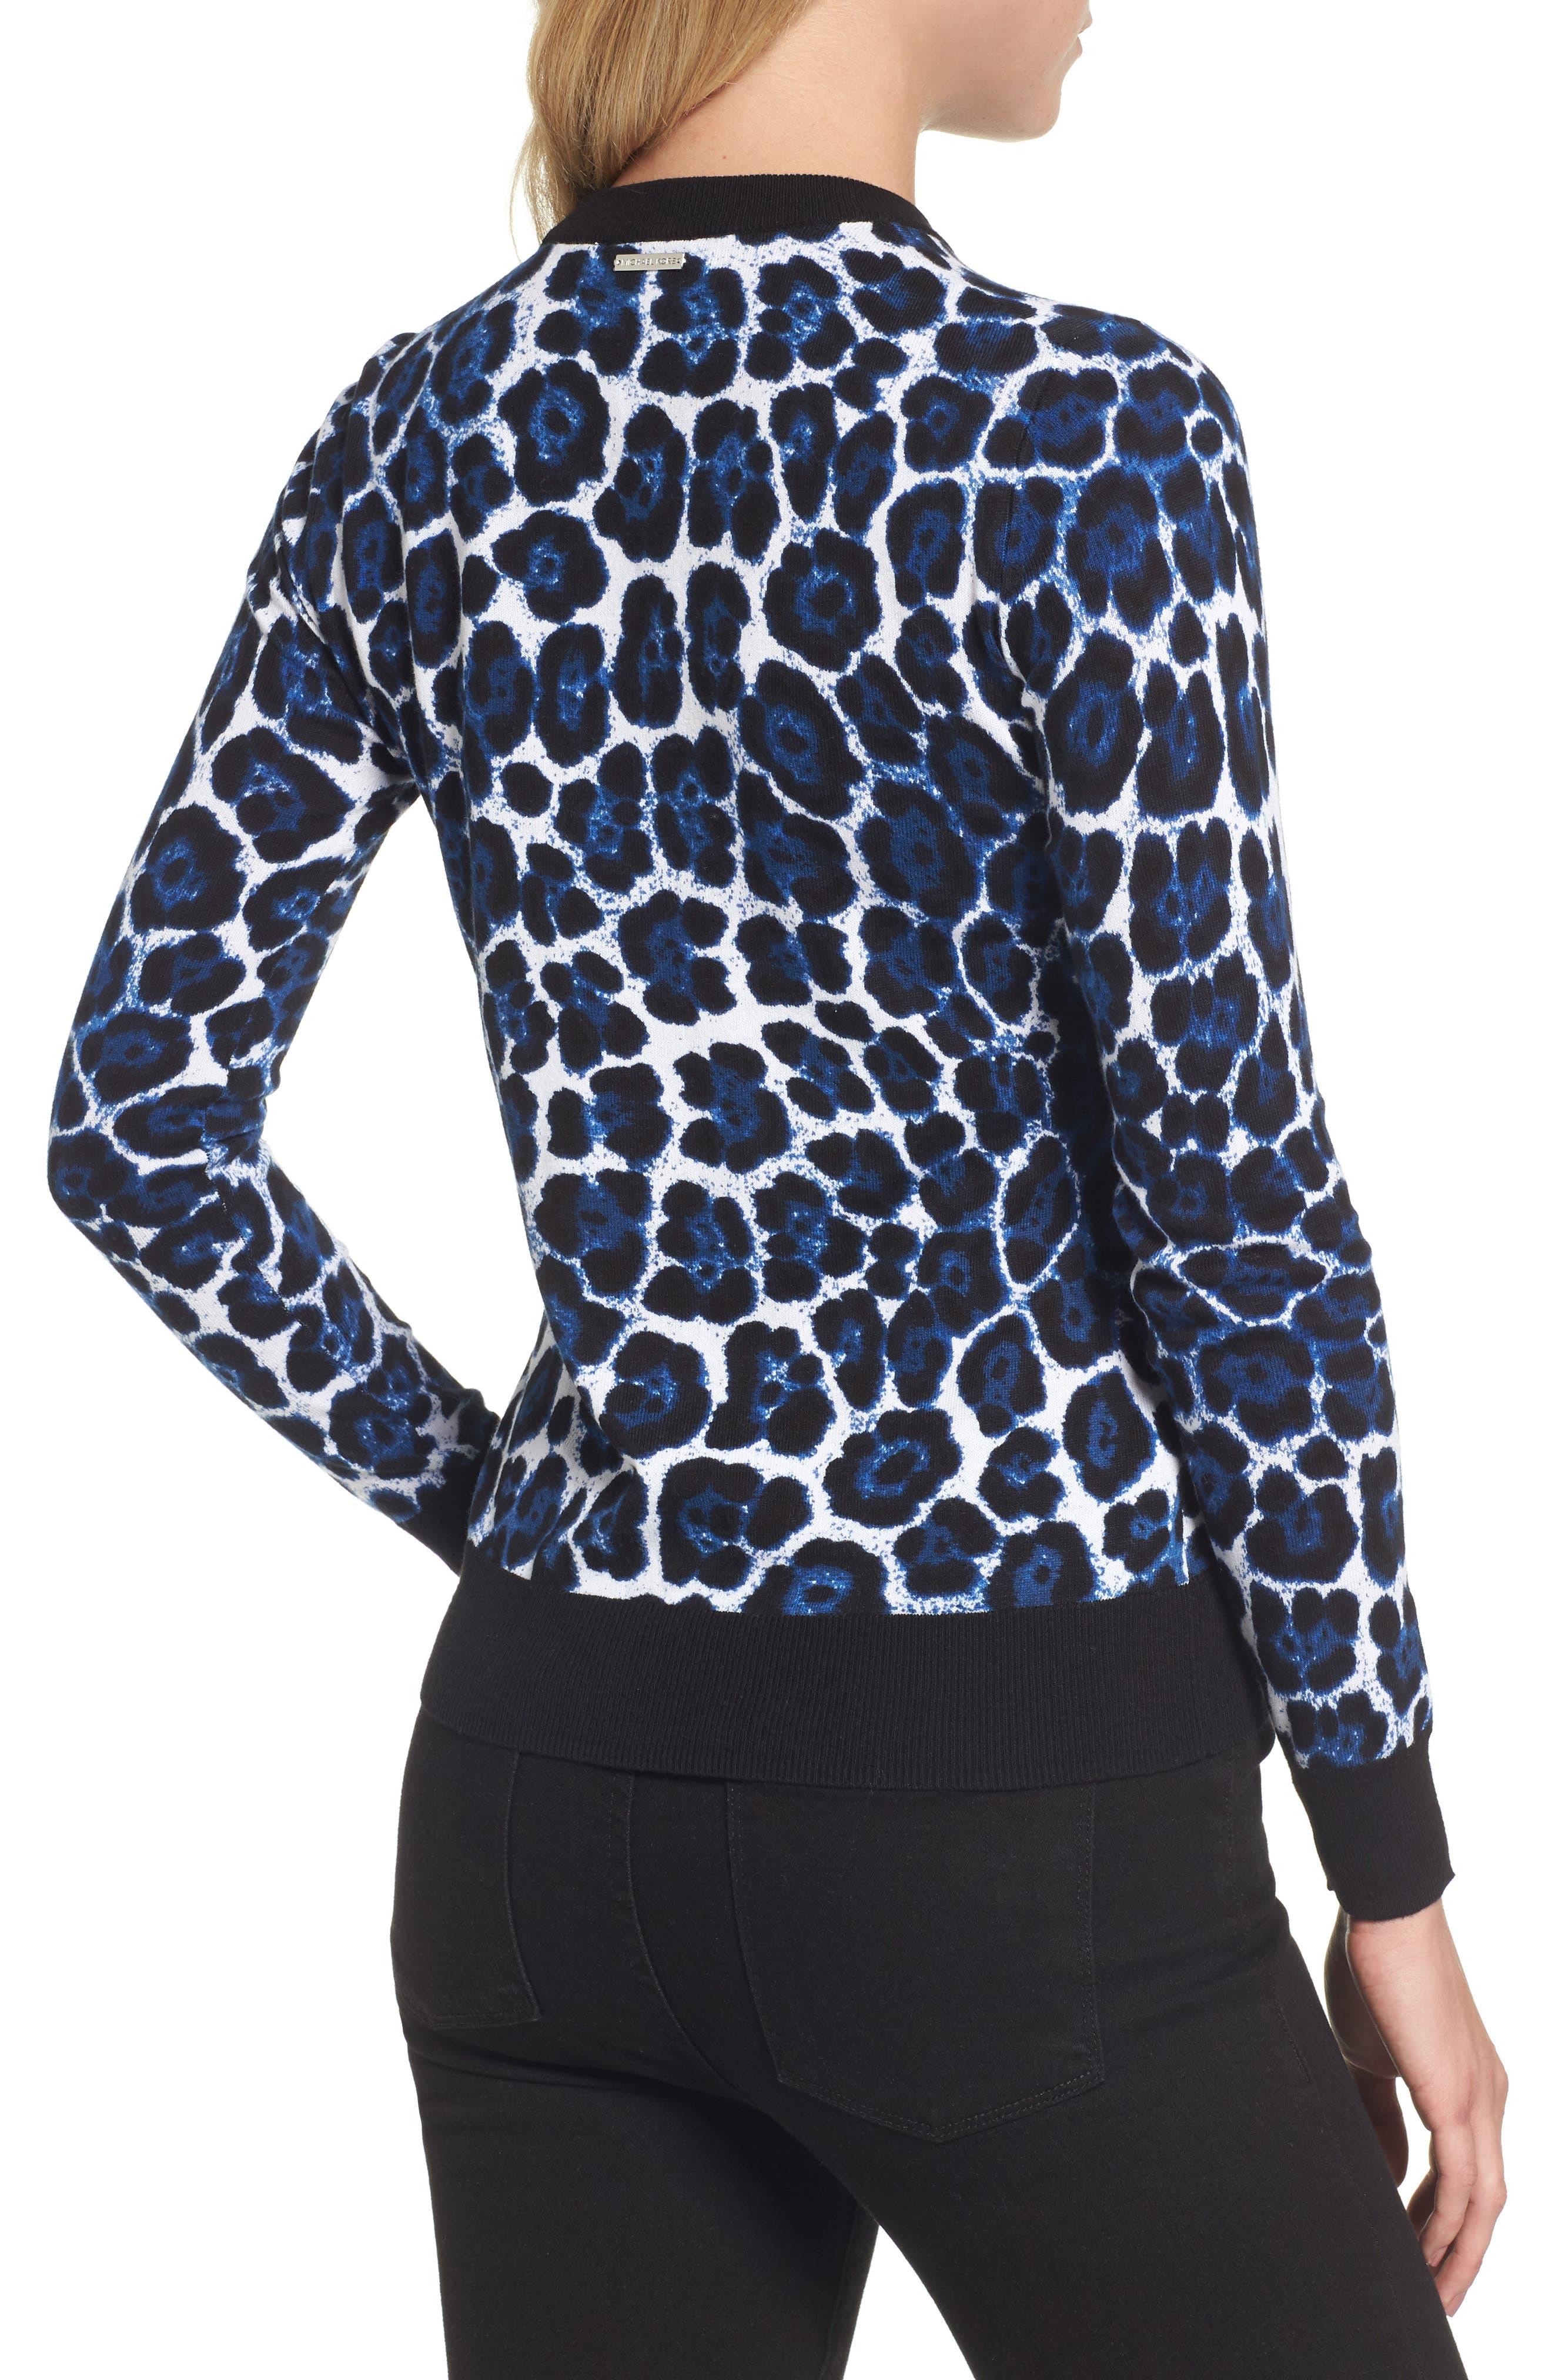 Alternate Image 2  - MICHAEL Michael Kors Cheetah Print Sweater